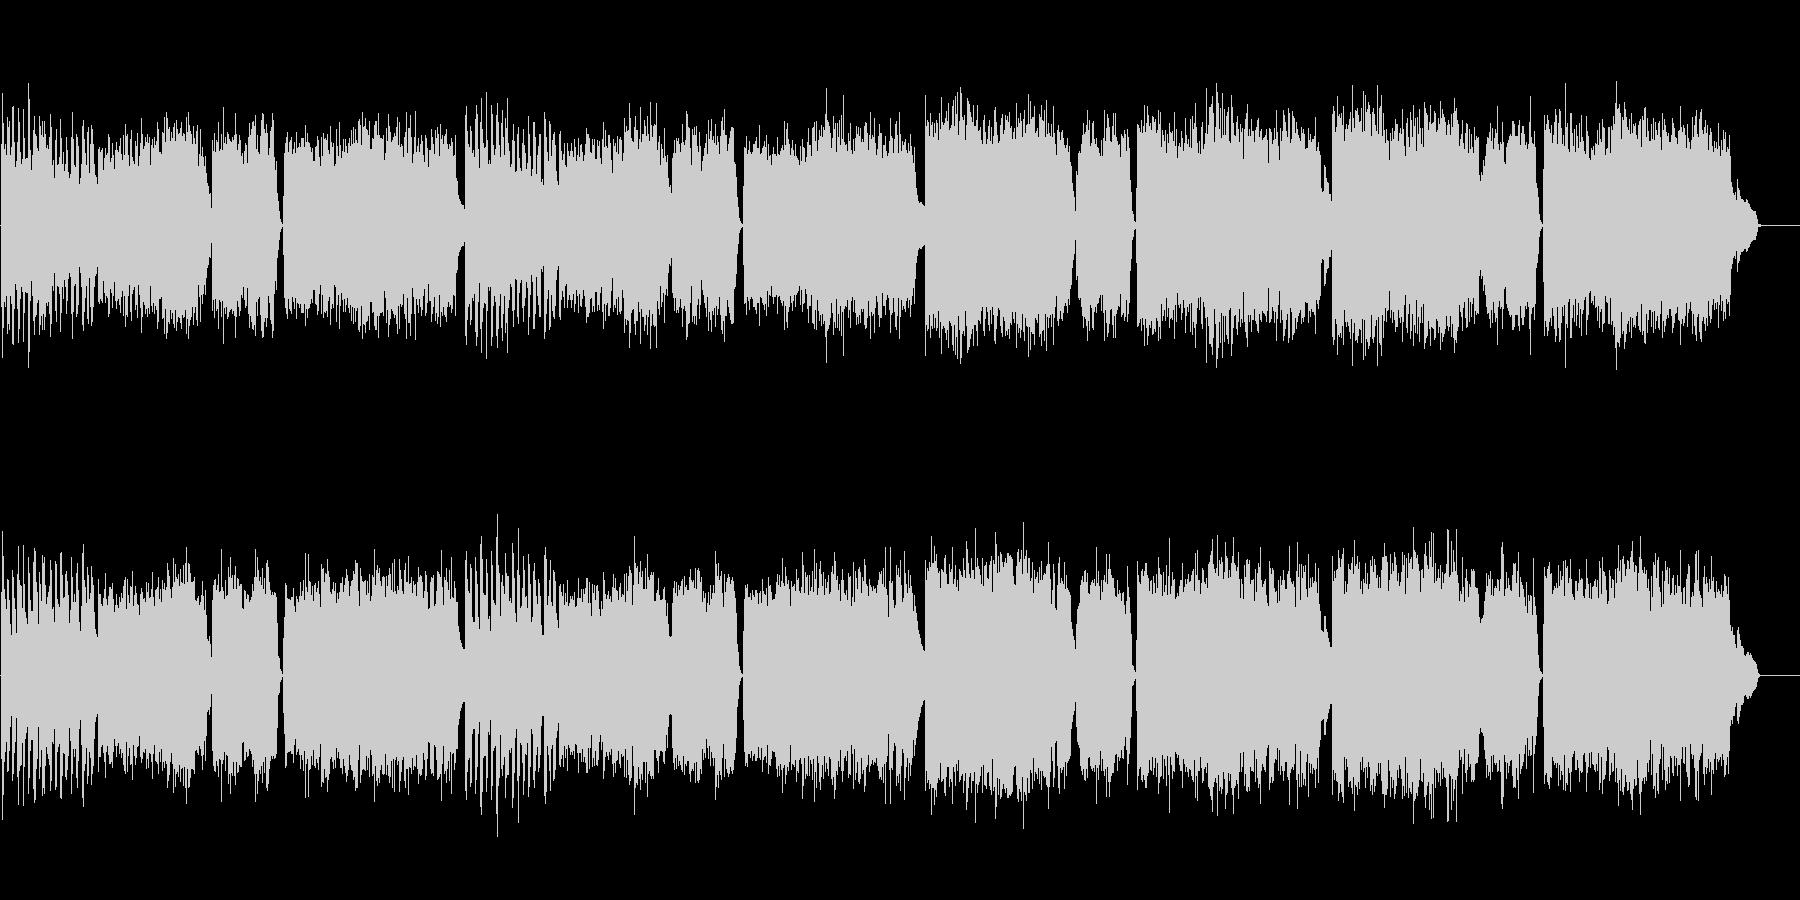 激しいチェンバロ曲 スカルラッティの未再生の波形